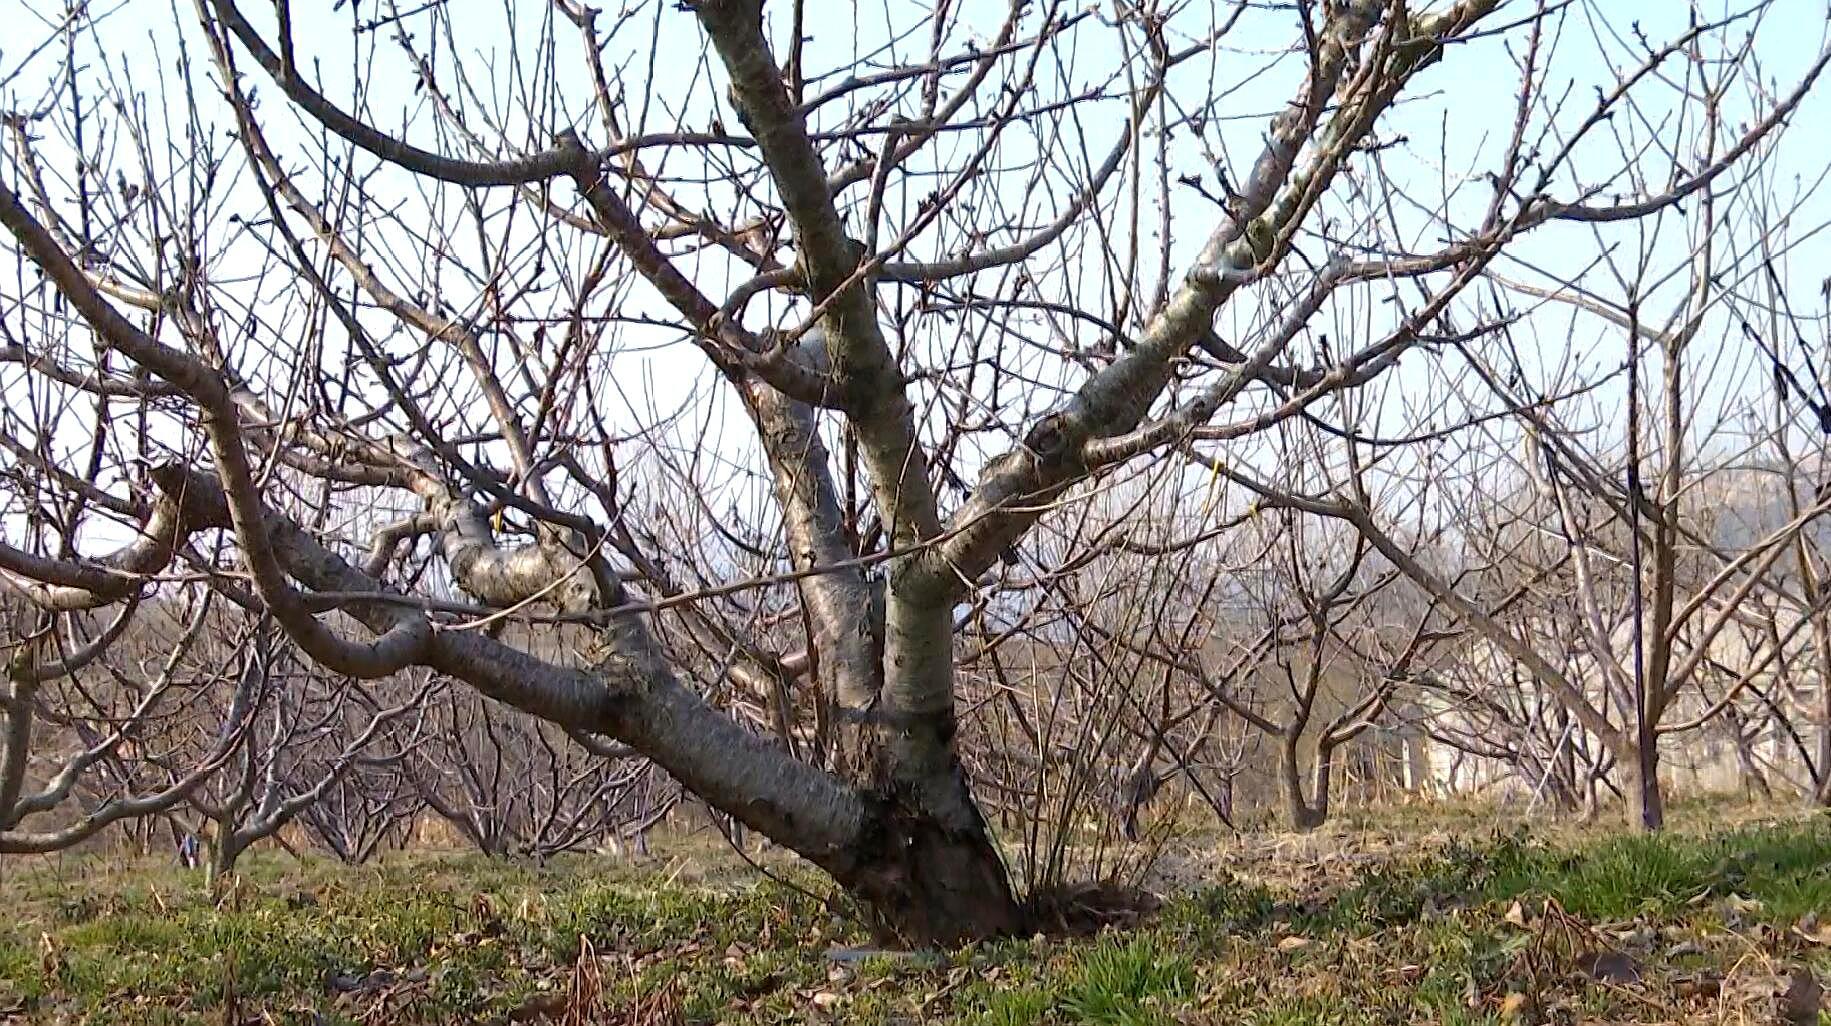 双减项目在行动 大樱桃春季管理要点都有哪些